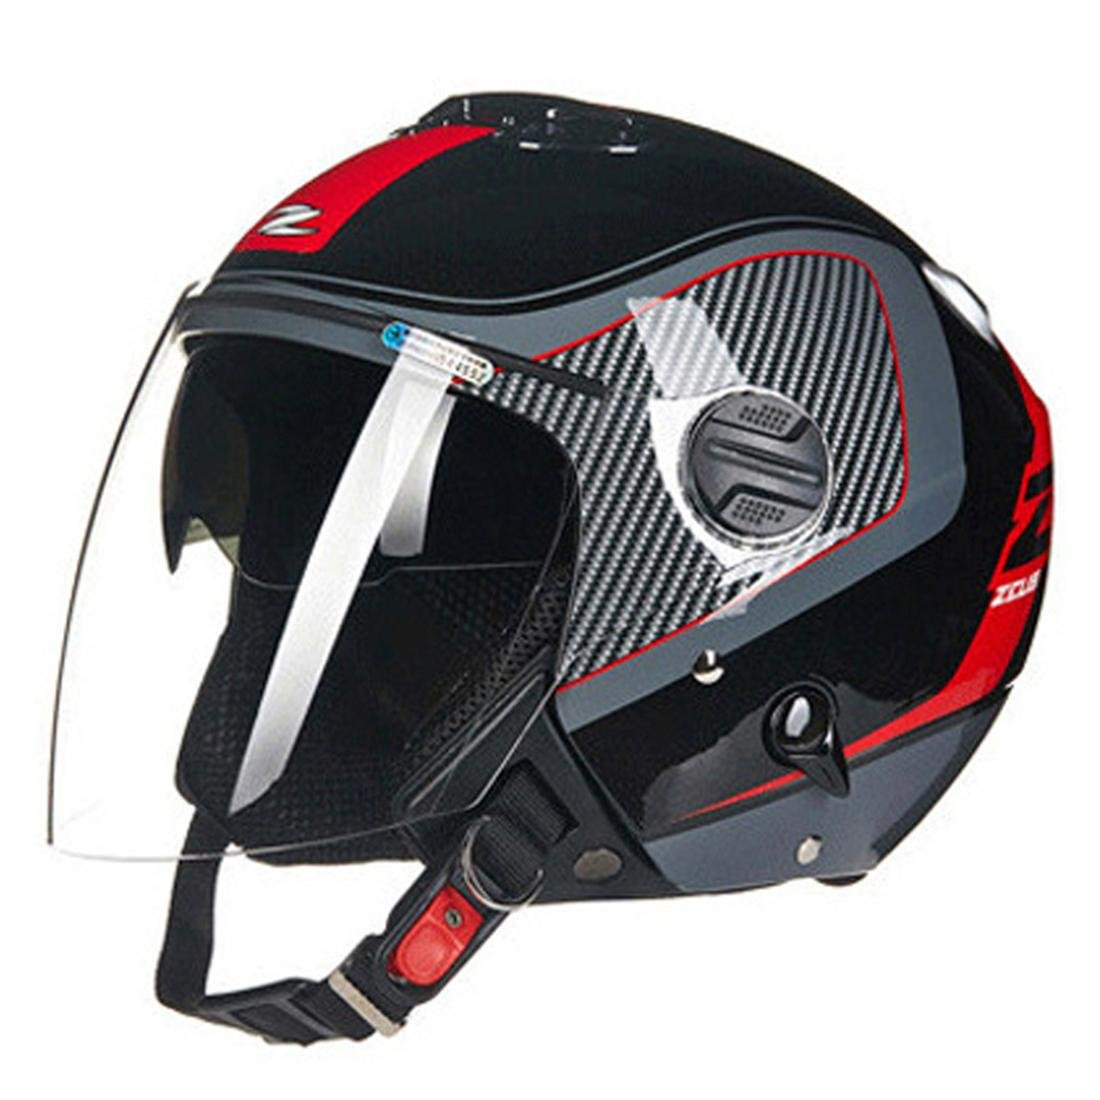 Racing Safety Fahrradhelm für Erwachsene Männer Frauen Poröse Belüftung ECE-Zertifizierung 55-64CM, 1400g